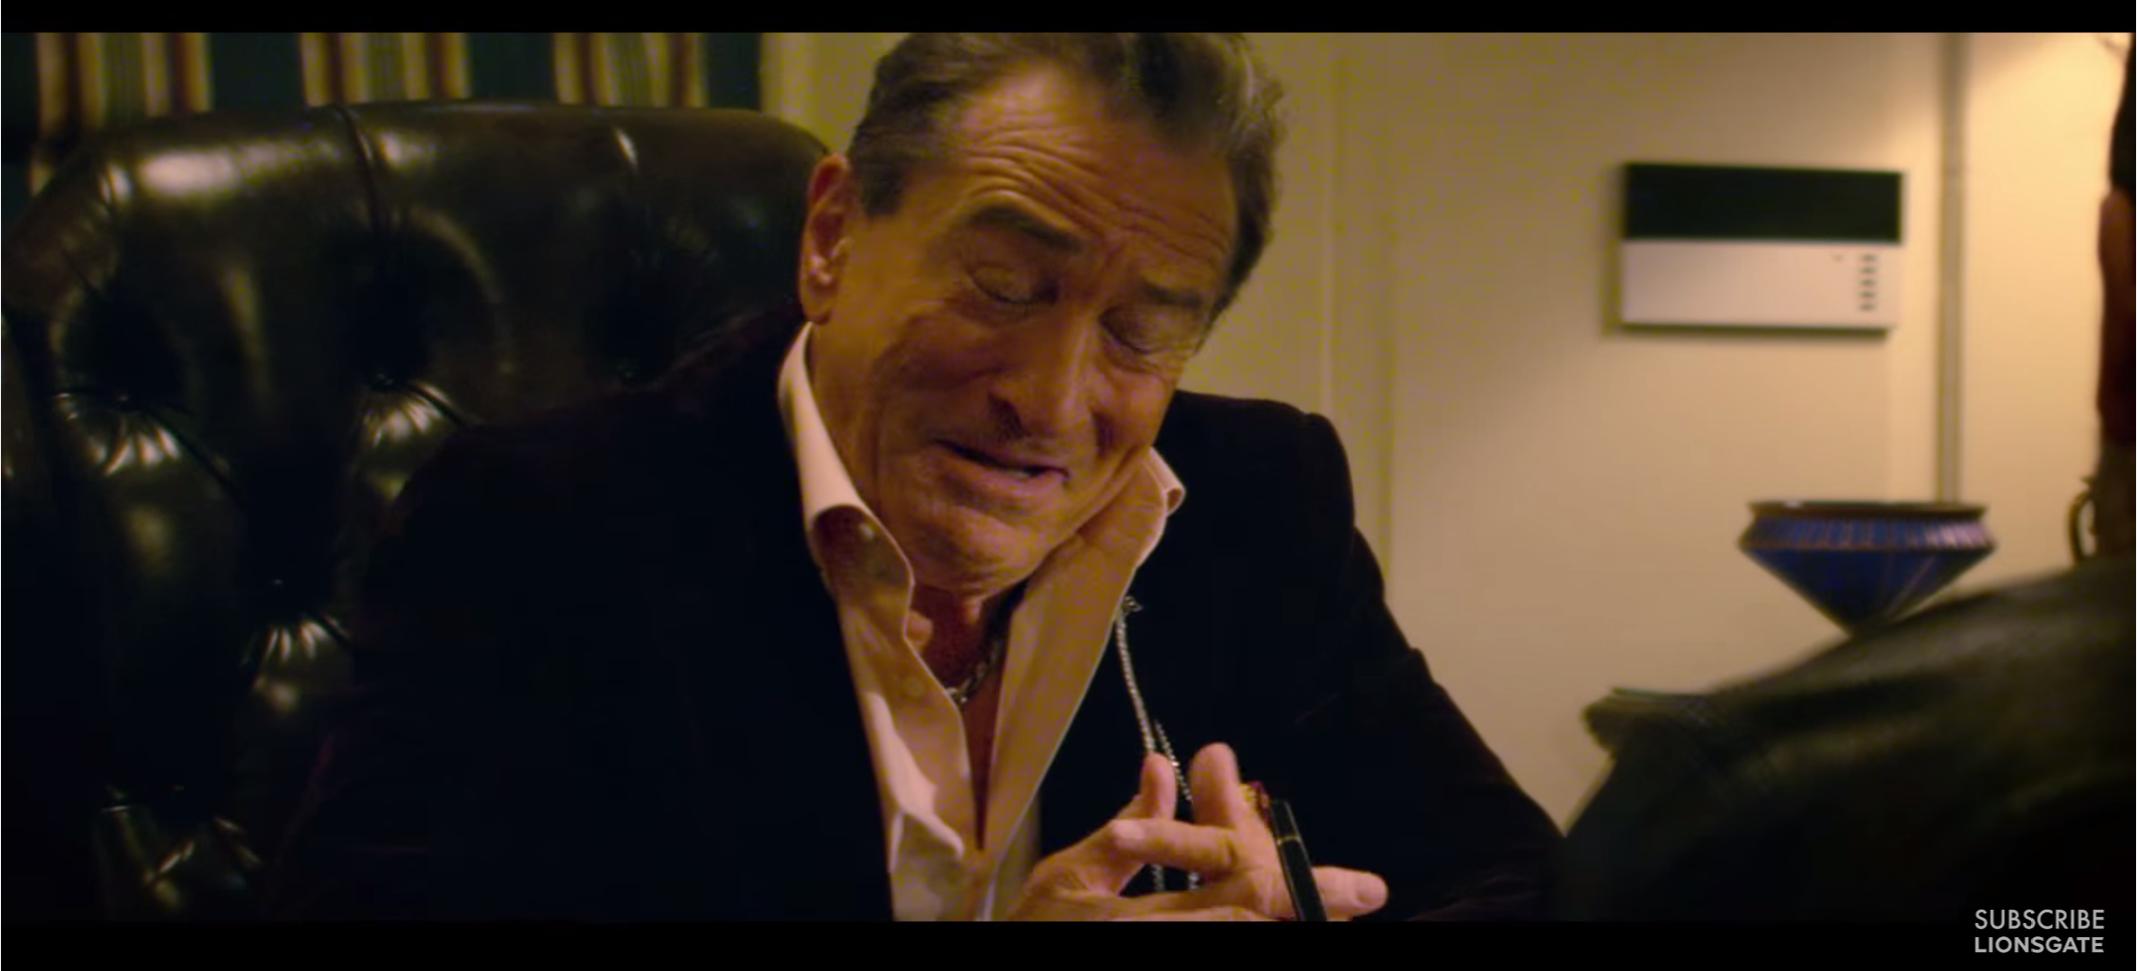 HEIST Trailer ft. Robert De Niro